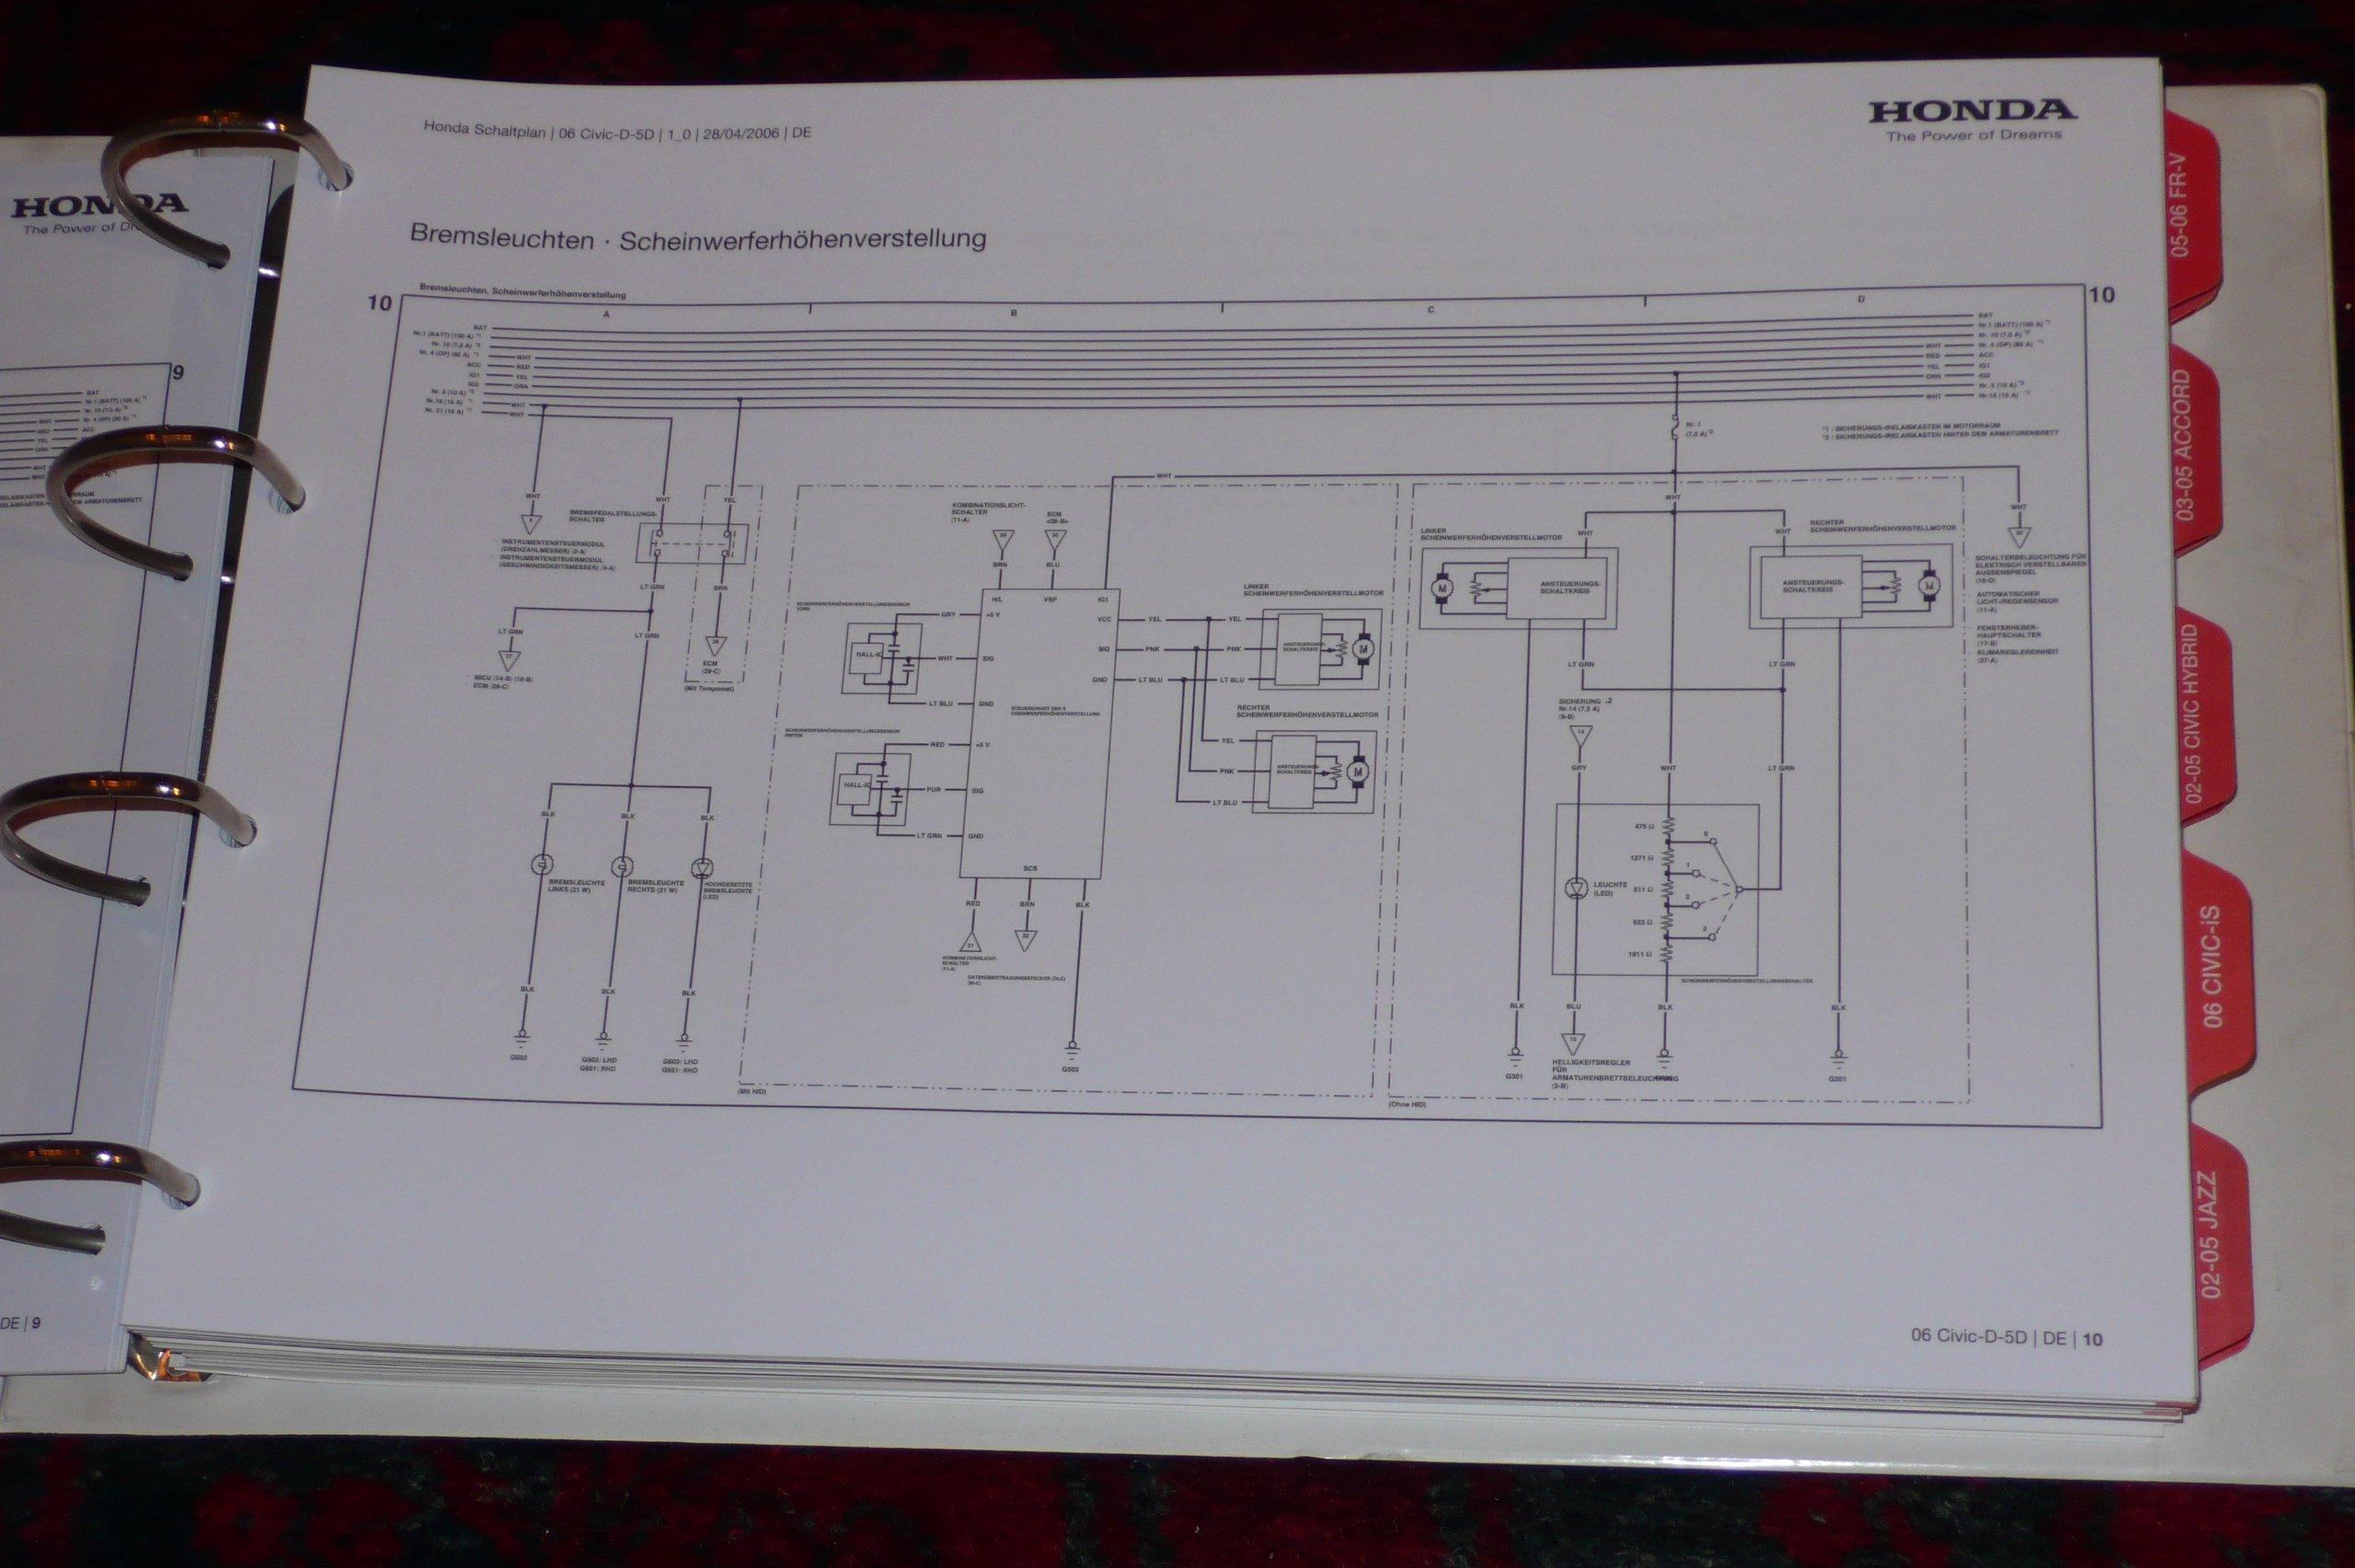 Niedlich Honda Stereo Schaltplan Zeitgenössisch - Elektrische ...